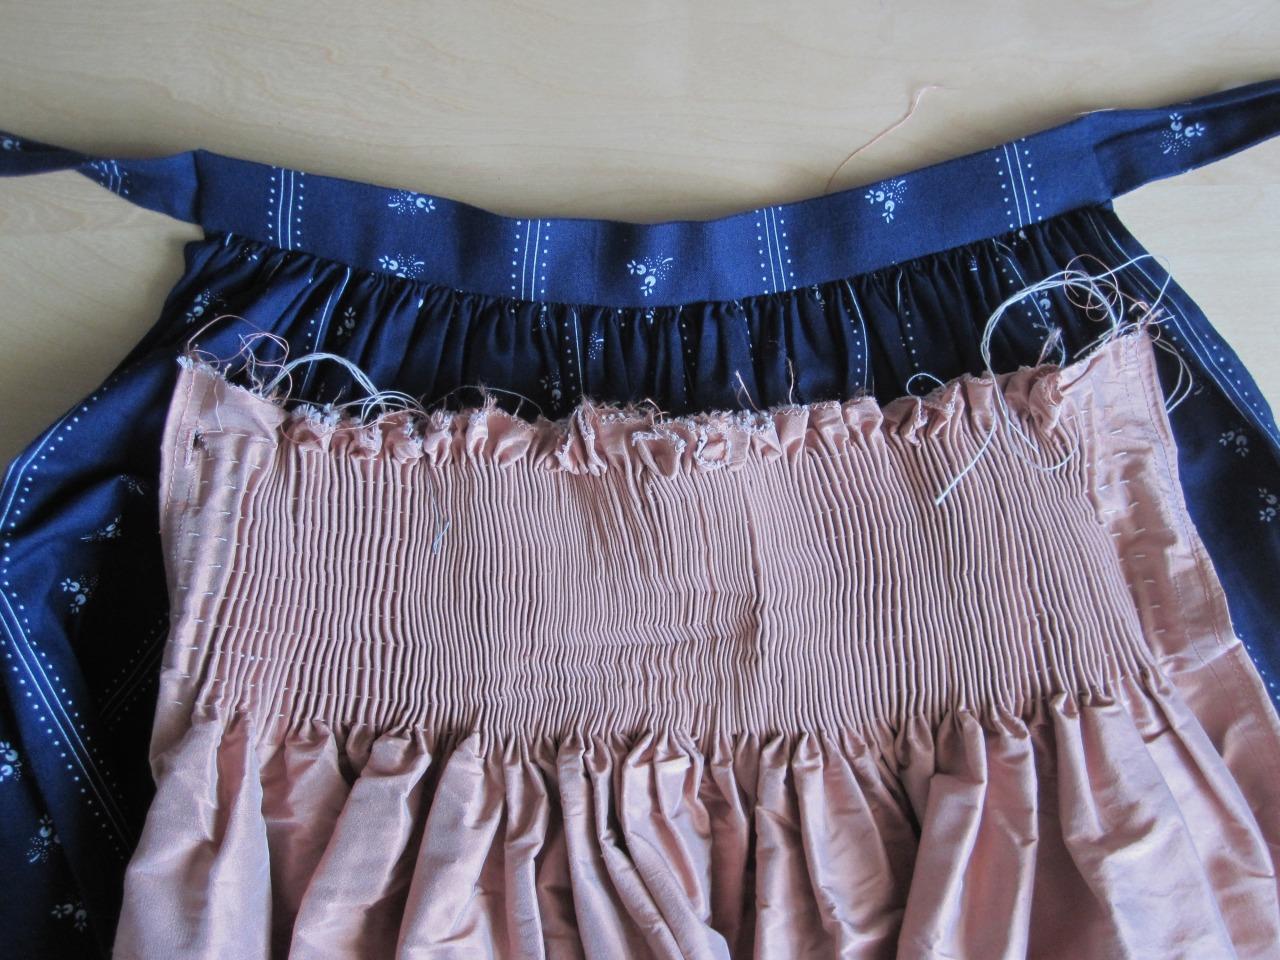 mangia minga // 'sewing a dirndl: aprons'